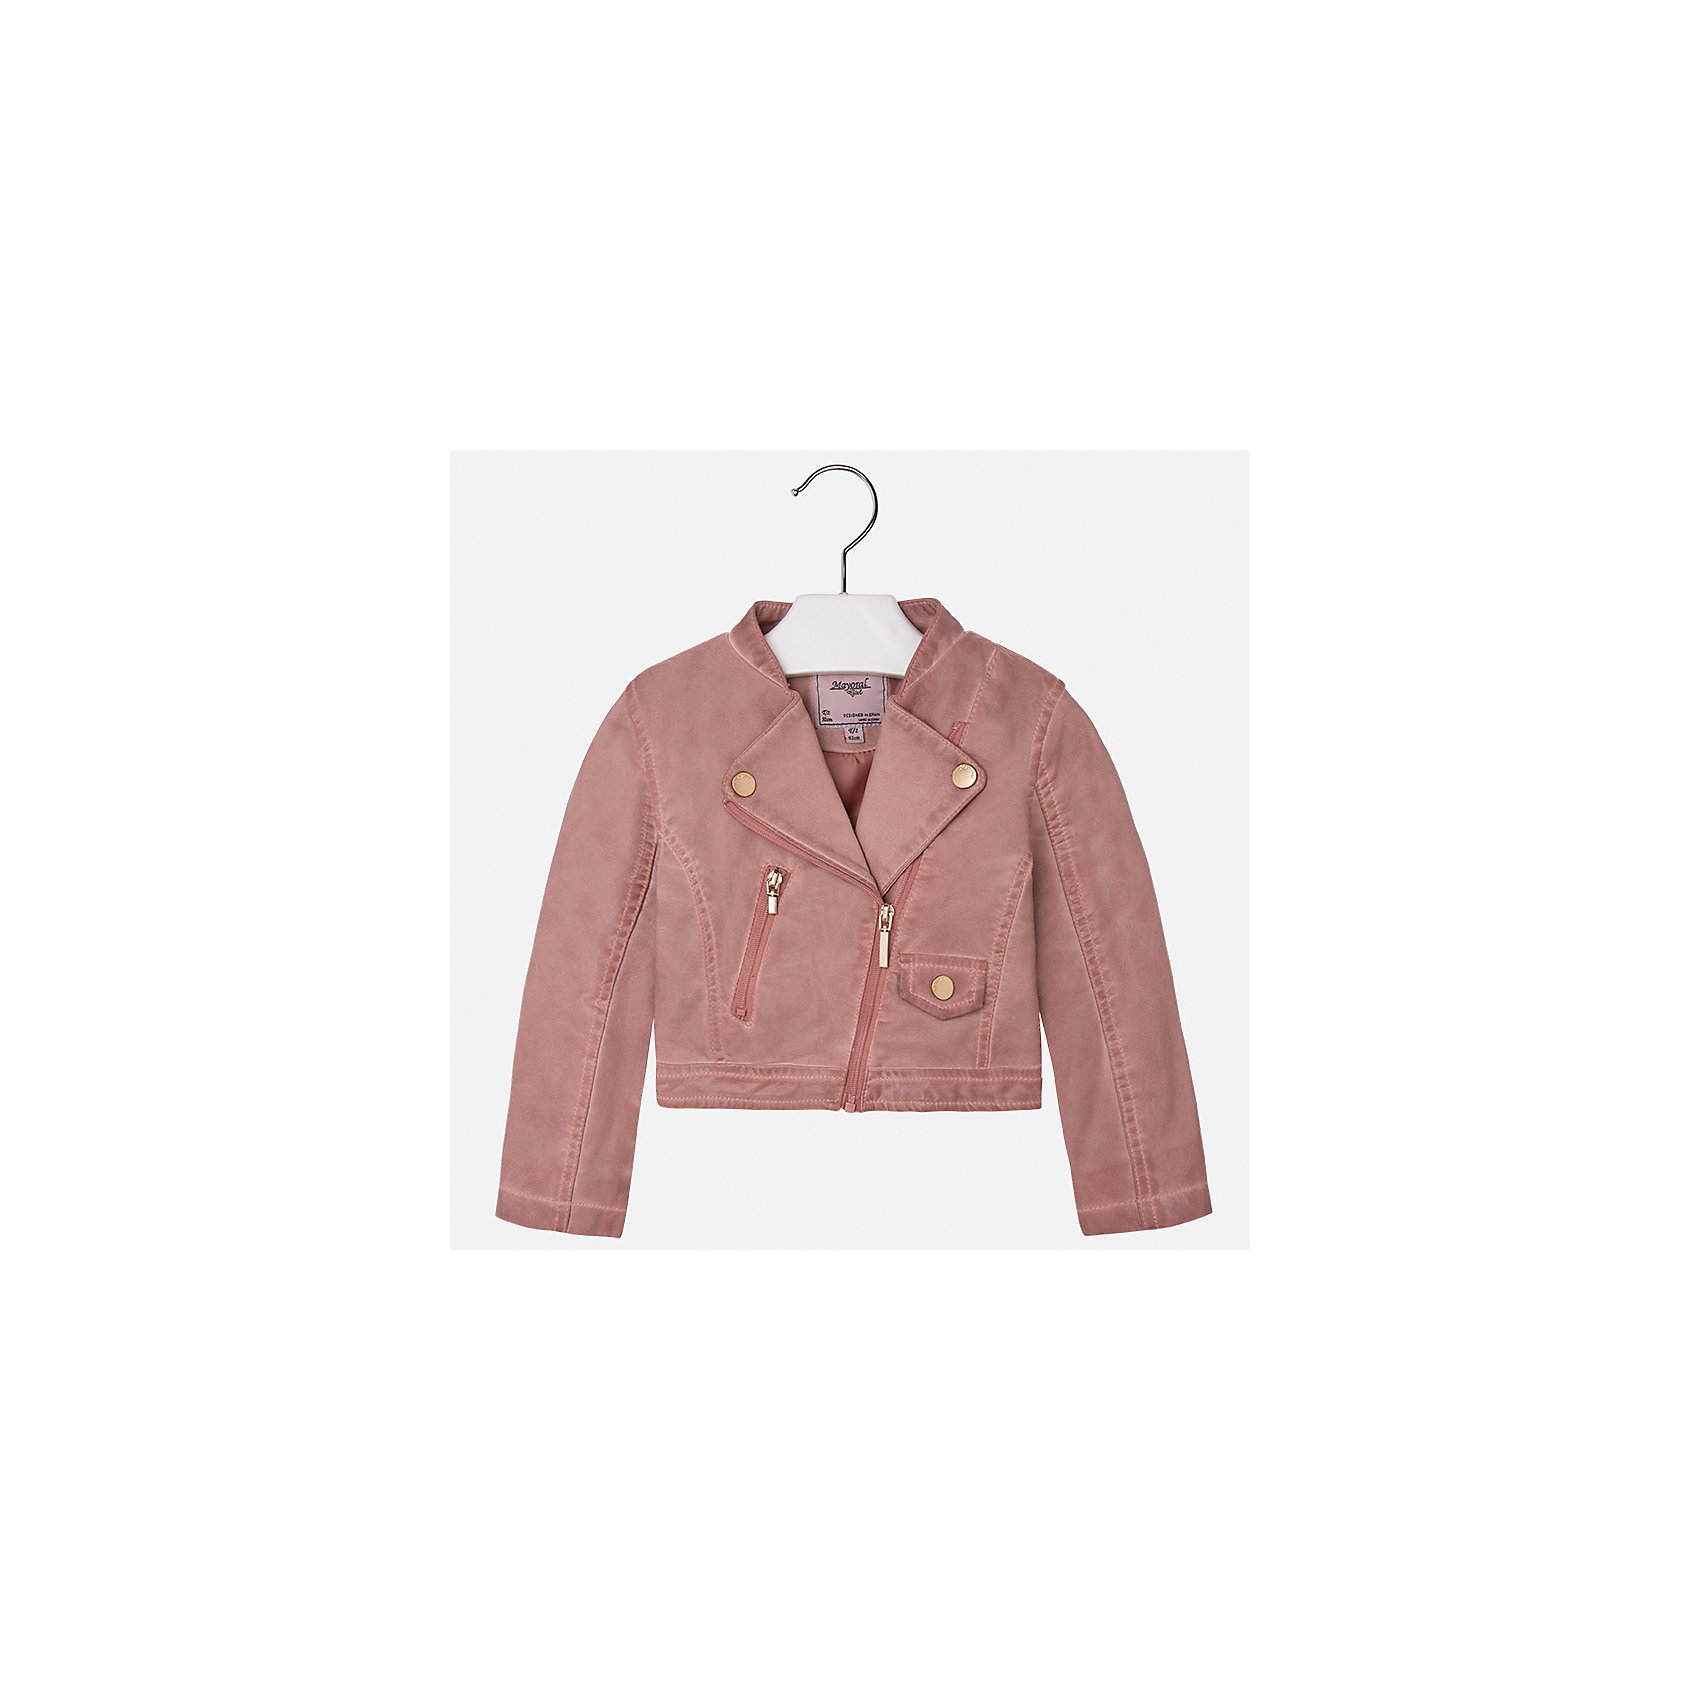 Куртка для девочки MayoralВерхняя одежда<br>Характеристики товара:<br><br>• цвет: розовый<br>• состав: 100% полиэстер, верх - 100% полиэстер<br>• косая молния<br>• карманы<br>• с длинными рукавами <br>• плотная ткань<br>• страна бренда: Испания<br><br>Стильная куртка для девочки поможет разнообразить гардероб ребенка и обеспечить тепло в прохладную погоду. Она отлично сочетается и с юбками, и с брюками. Красивый цвет позволяет подобрать к вещи низ различных расцветок. Интересная отделка модели делает её нарядной и стильной. Оригинальной и модной куртку делает косая молния.<br><br>Одежда, обувь и аксессуары от испанского бренда Mayoral полюбились детям и взрослым по всему миру. Модели этой марки - стильные и удобные. Для их производства используются только безопасные, качественные материалы и фурнитура. Порадуйте ребенка модными и красивыми вещами от Mayoral! <br><br>Куртку для девочки от испанского бренда Mayoral (Майорал) можно купить в нашем интернет-магазине.<br><br>Ширина мм: 356<br>Глубина мм: 10<br>Высота мм: 245<br>Вес г: 519<br>Цвет: розовый<br>Возраст от месяцев: 18<br>Возраст до месяцев: 24<br>Пол: Женский<br>Возраст: Детский<br>Размер: 92,134,128,122,116,110,104,98<br>SKU: 5290091